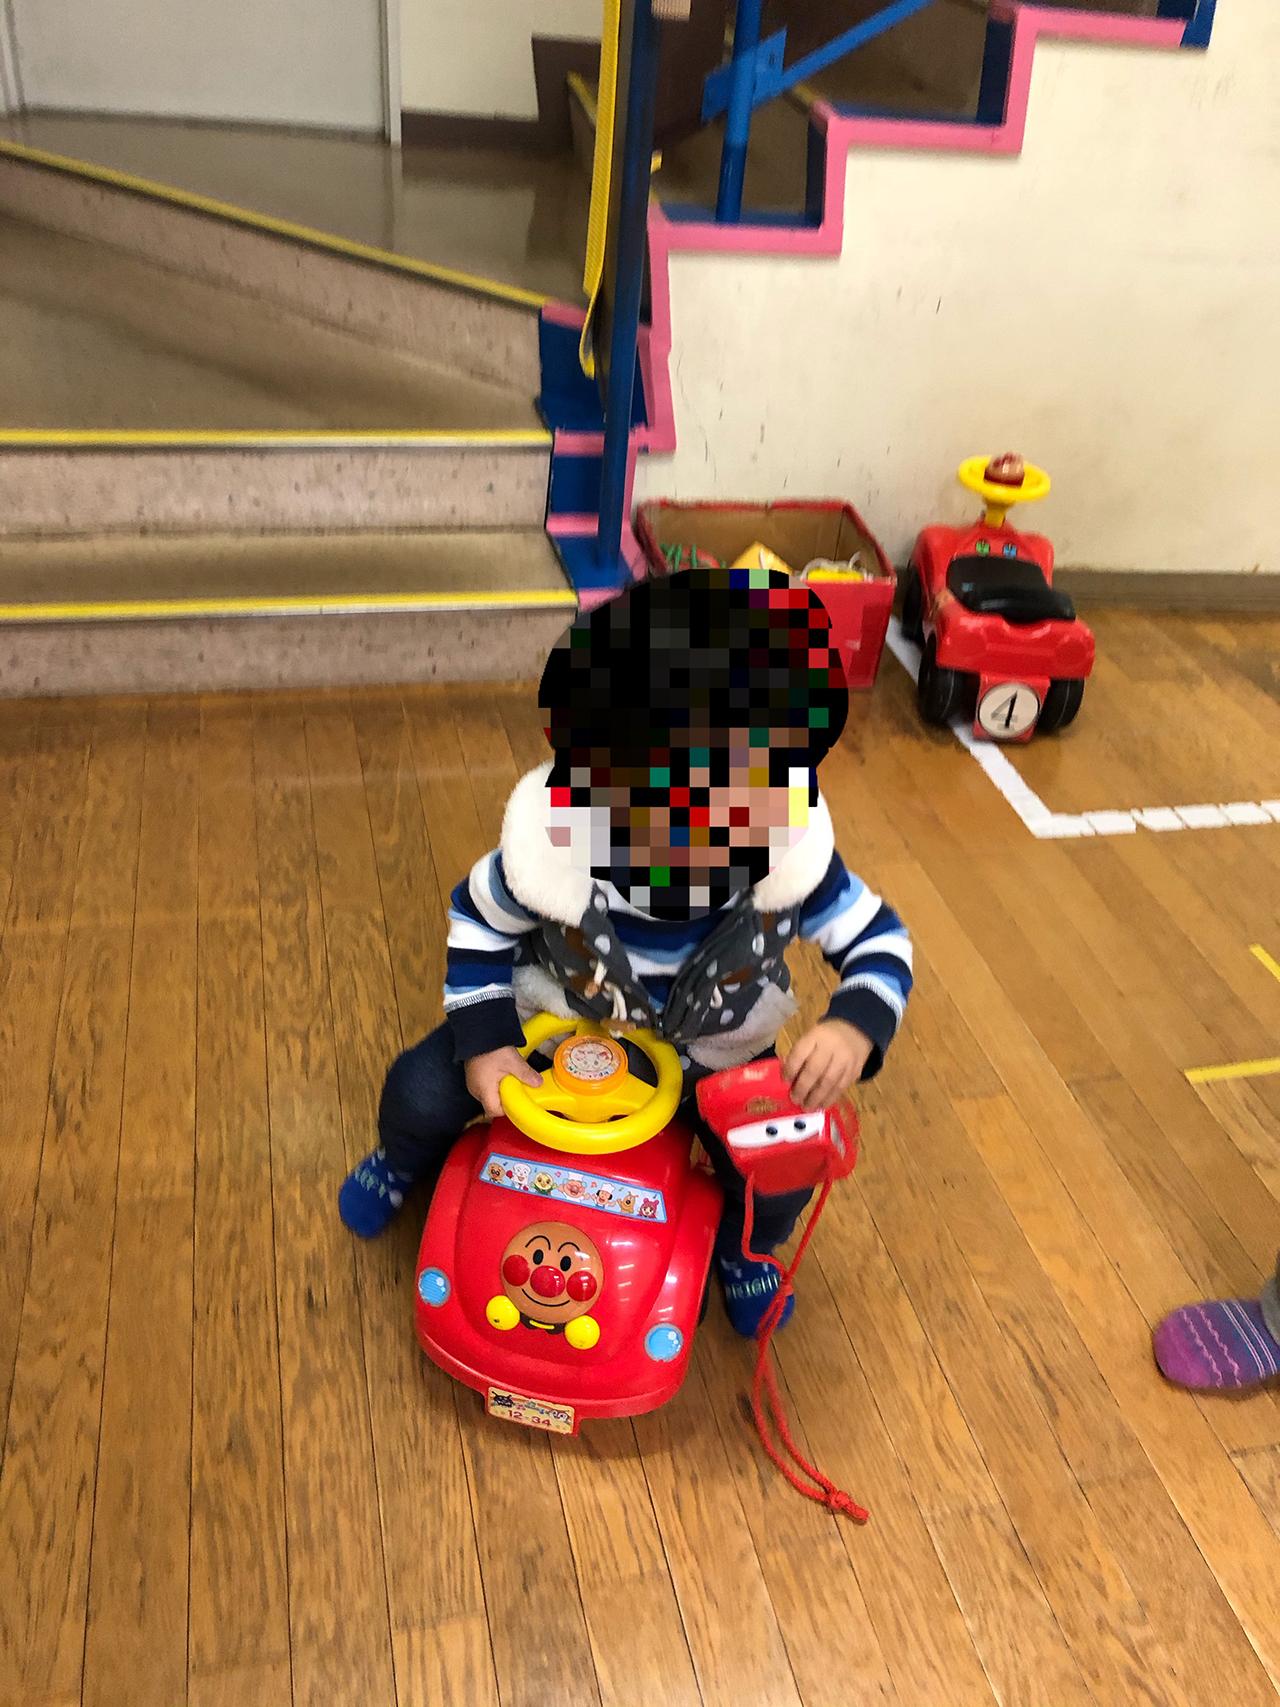 ゴーカートに乗ってる子供の写真